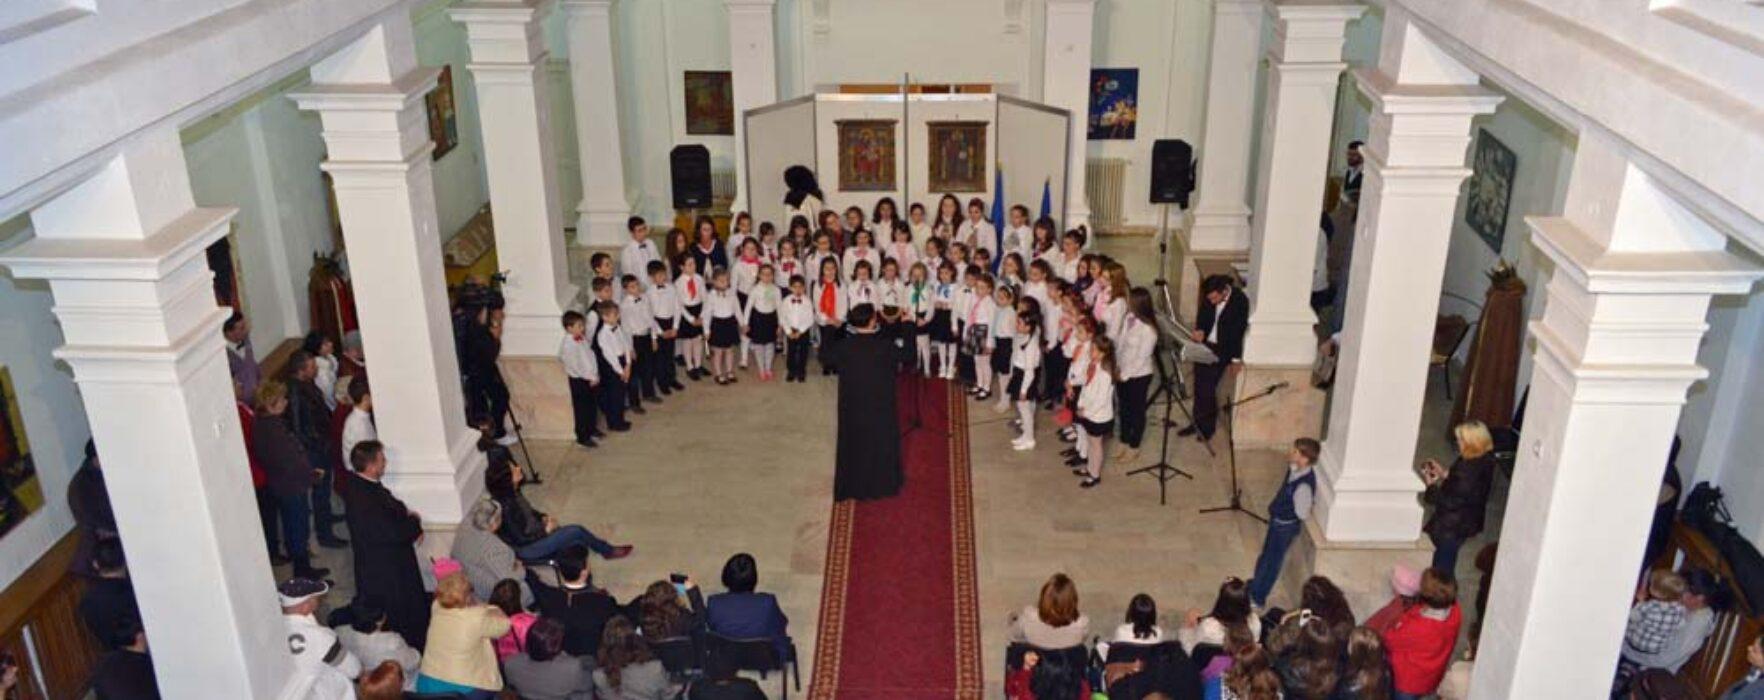 """Concert caritabil """"Cântec pentru îngeri"""", la Muzeul de Istorie Târgovişte"""